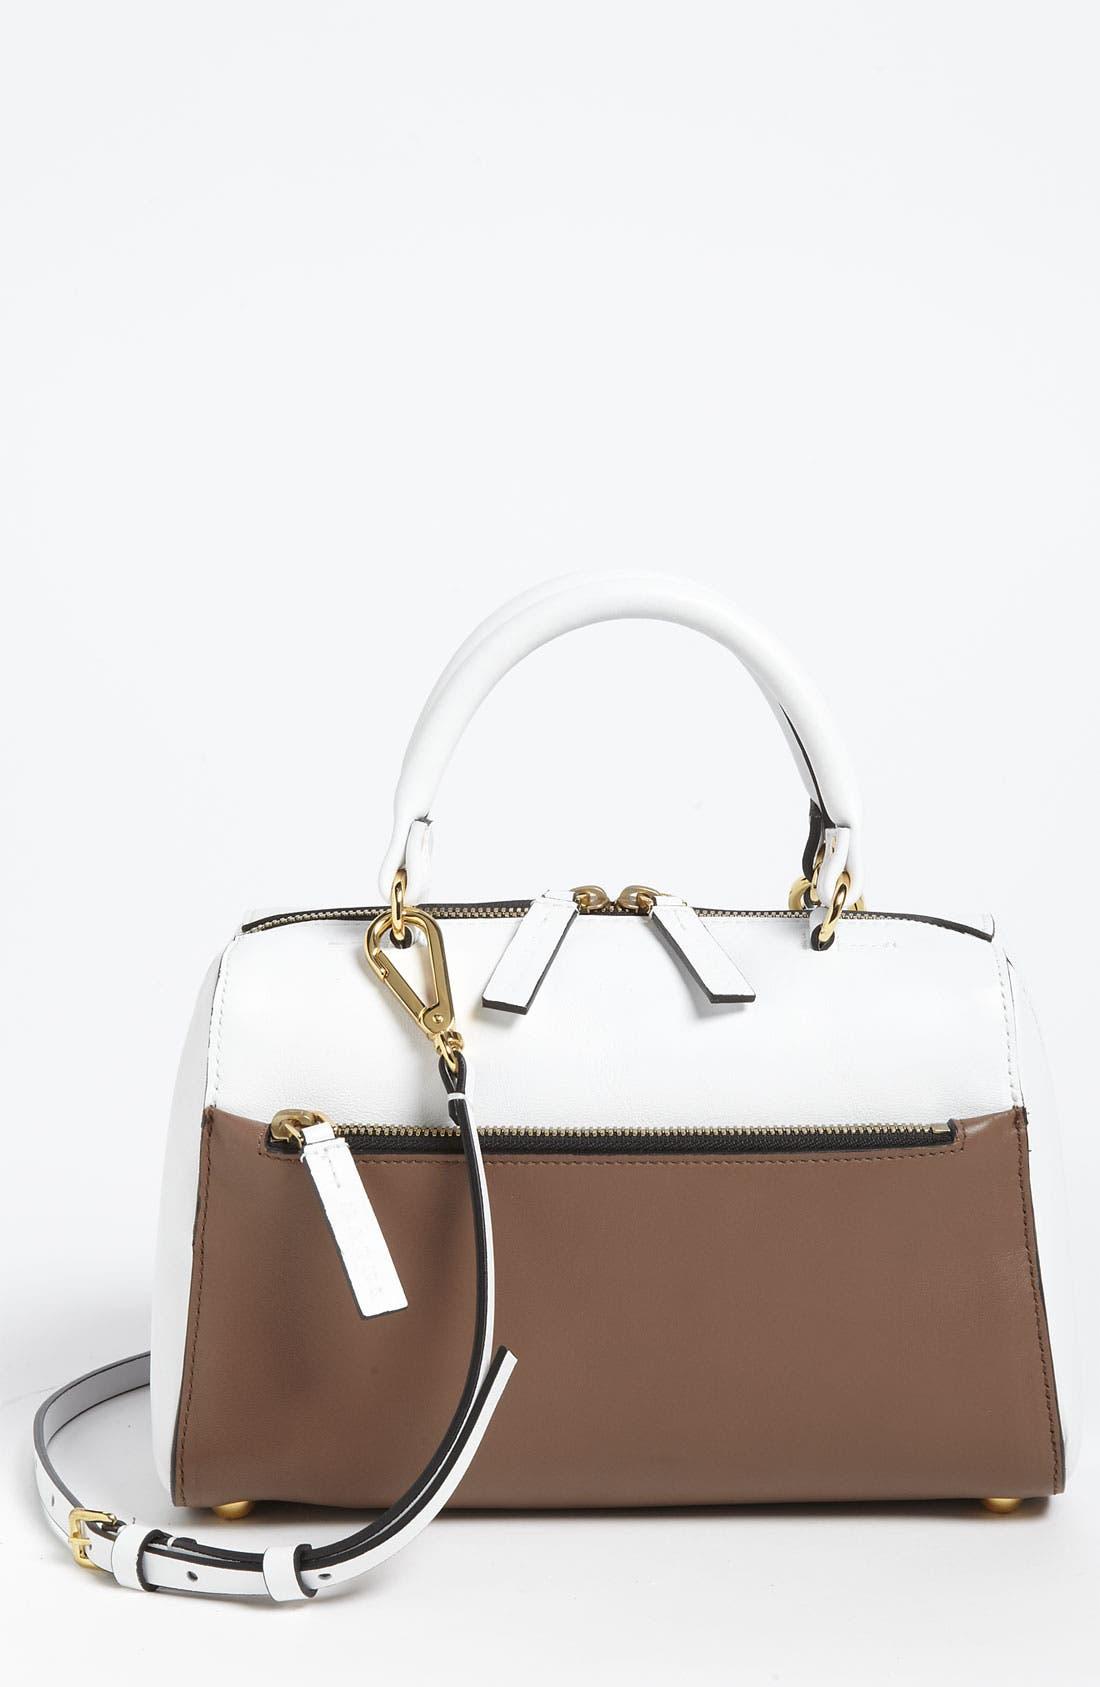 Main Image - Marni 'Mini' Crossbody Duffel Bag